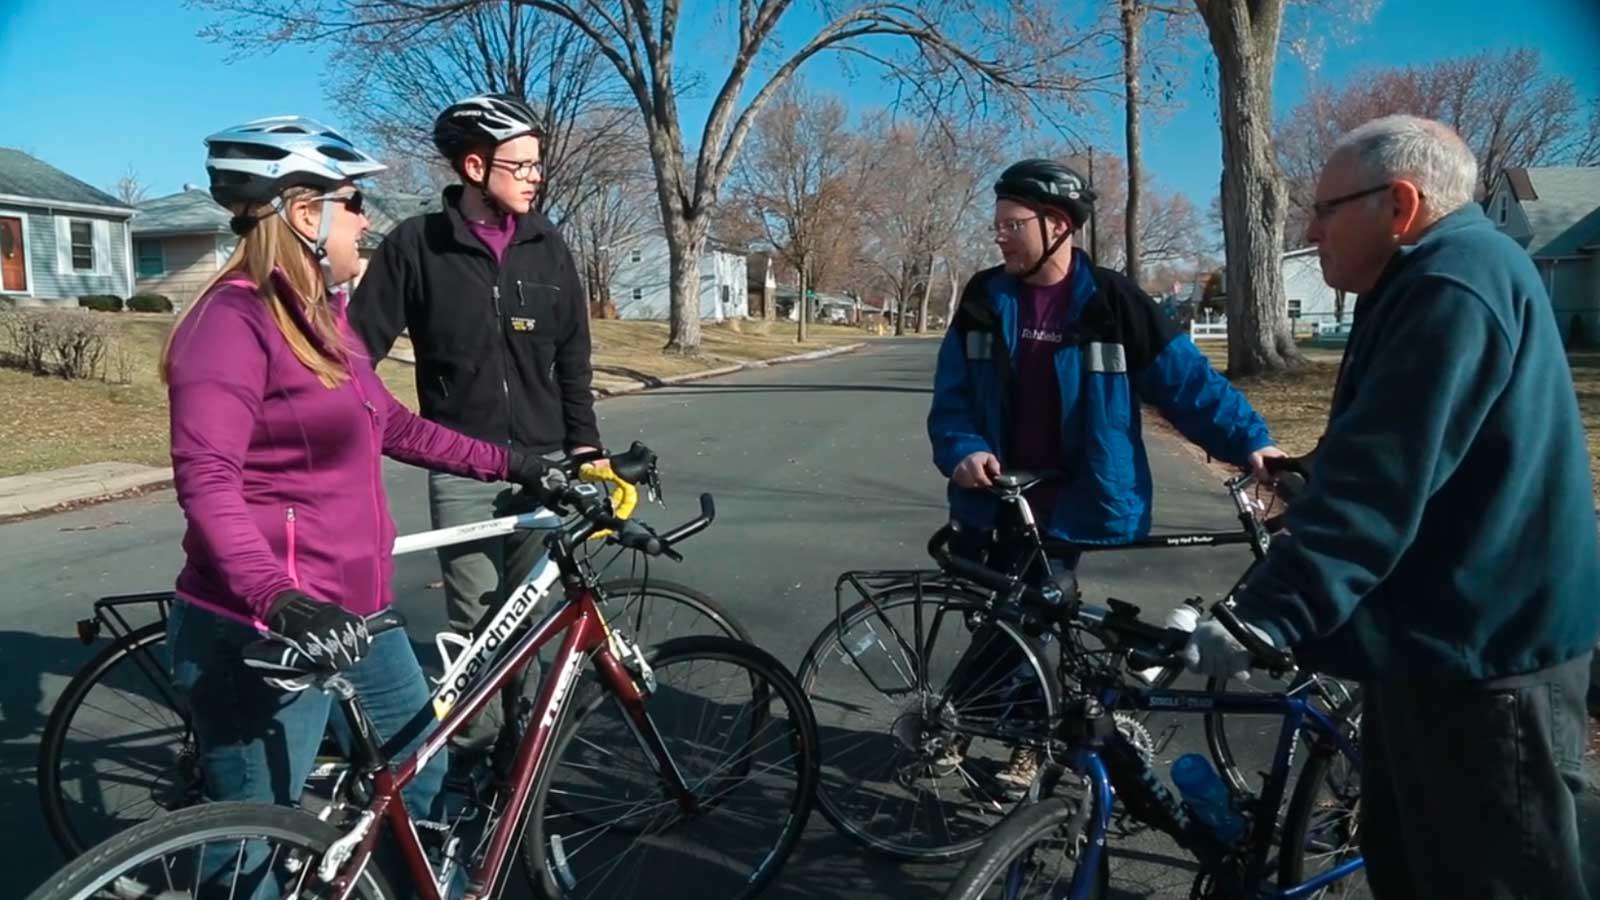 Bike Advocates discussing a ride